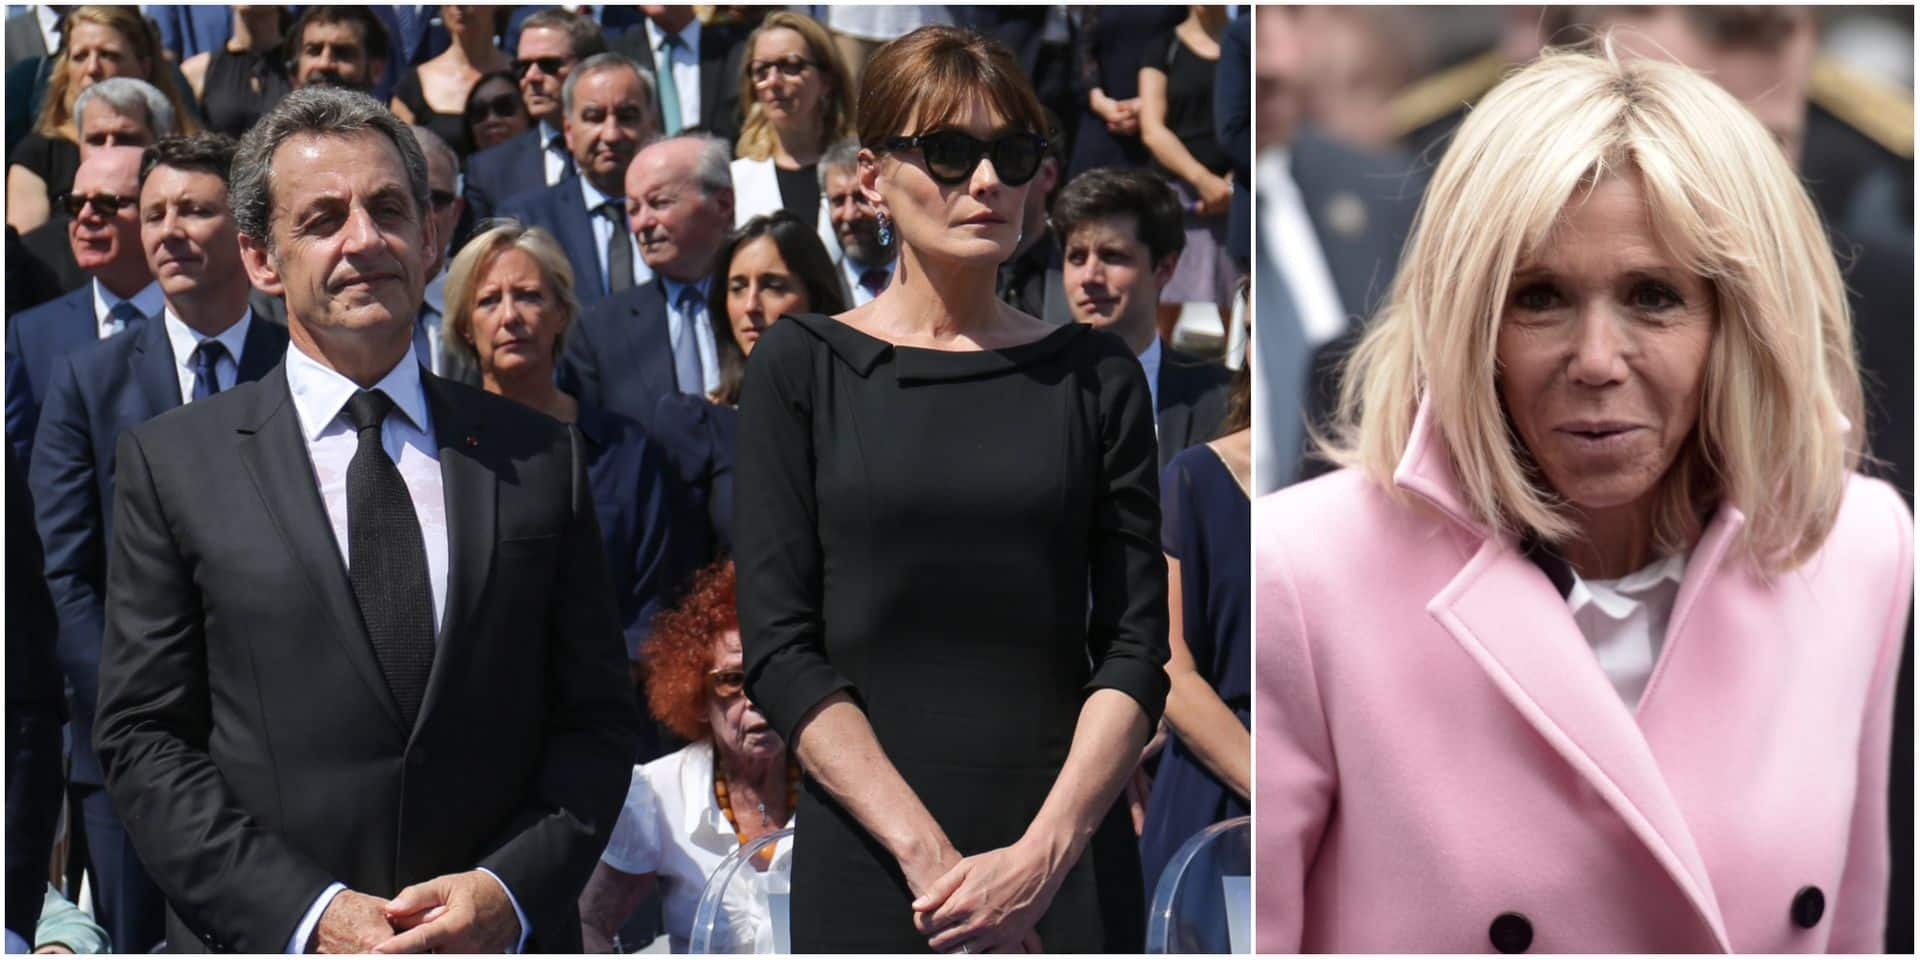 Nicolas Sarkozy et Carla Bruni s'attaquent à Brigitte Macron